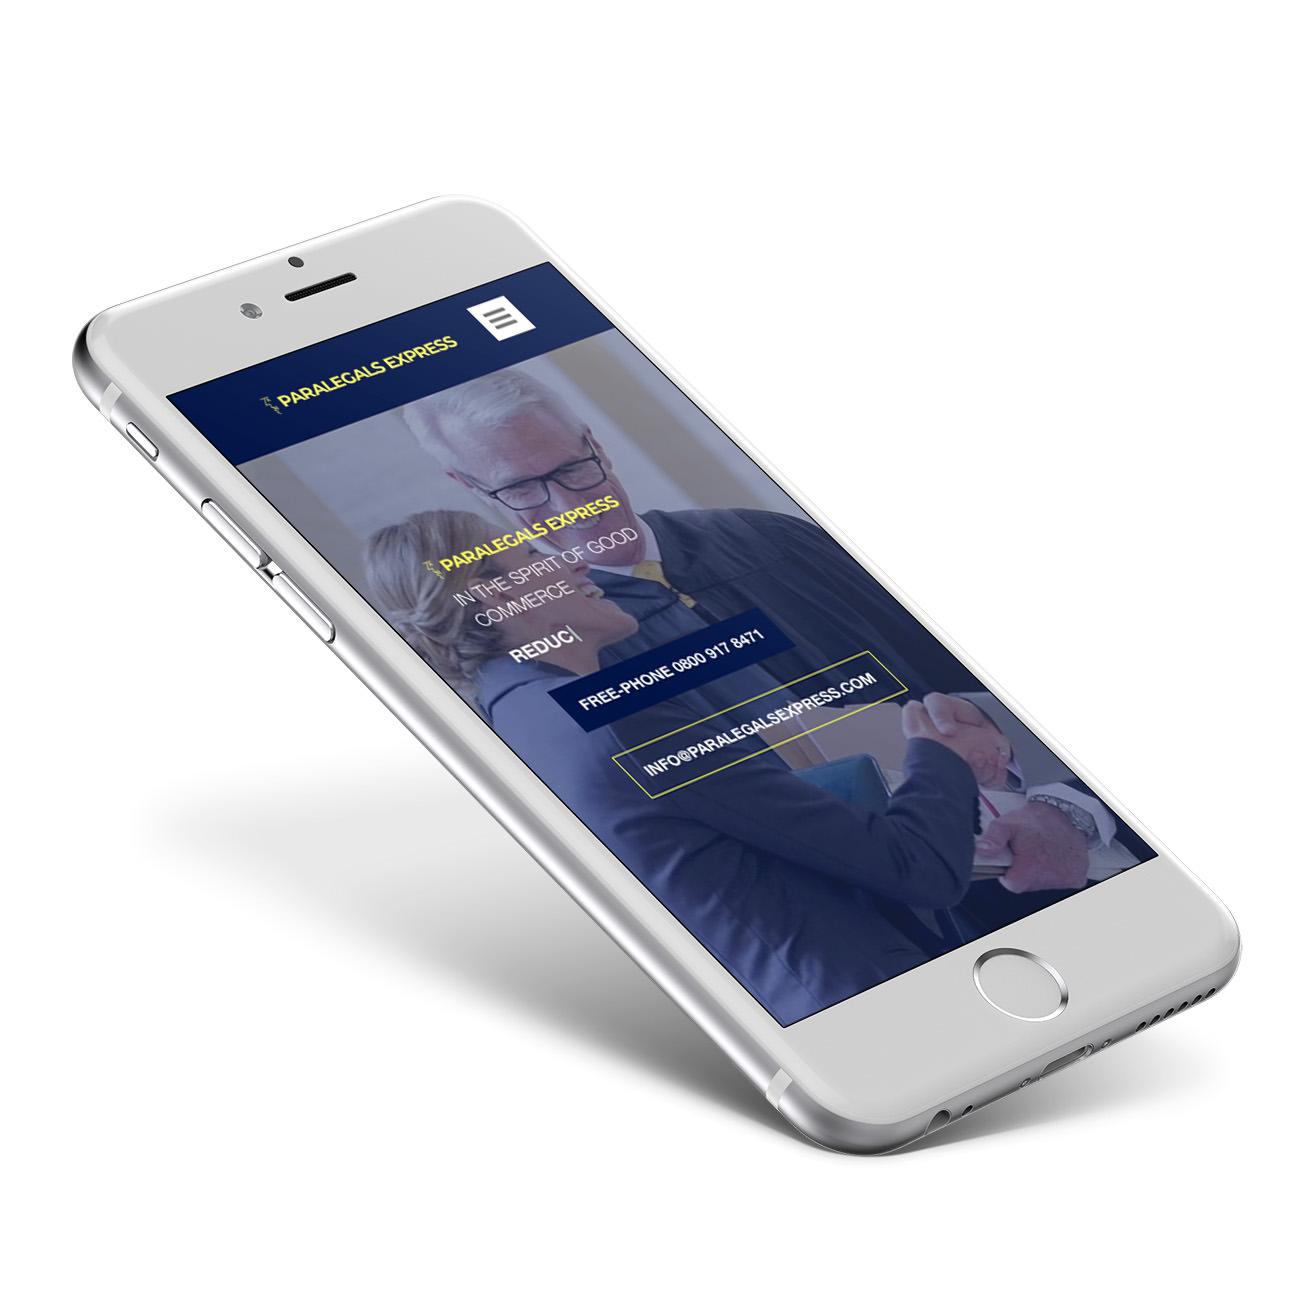 paralegals-iphone